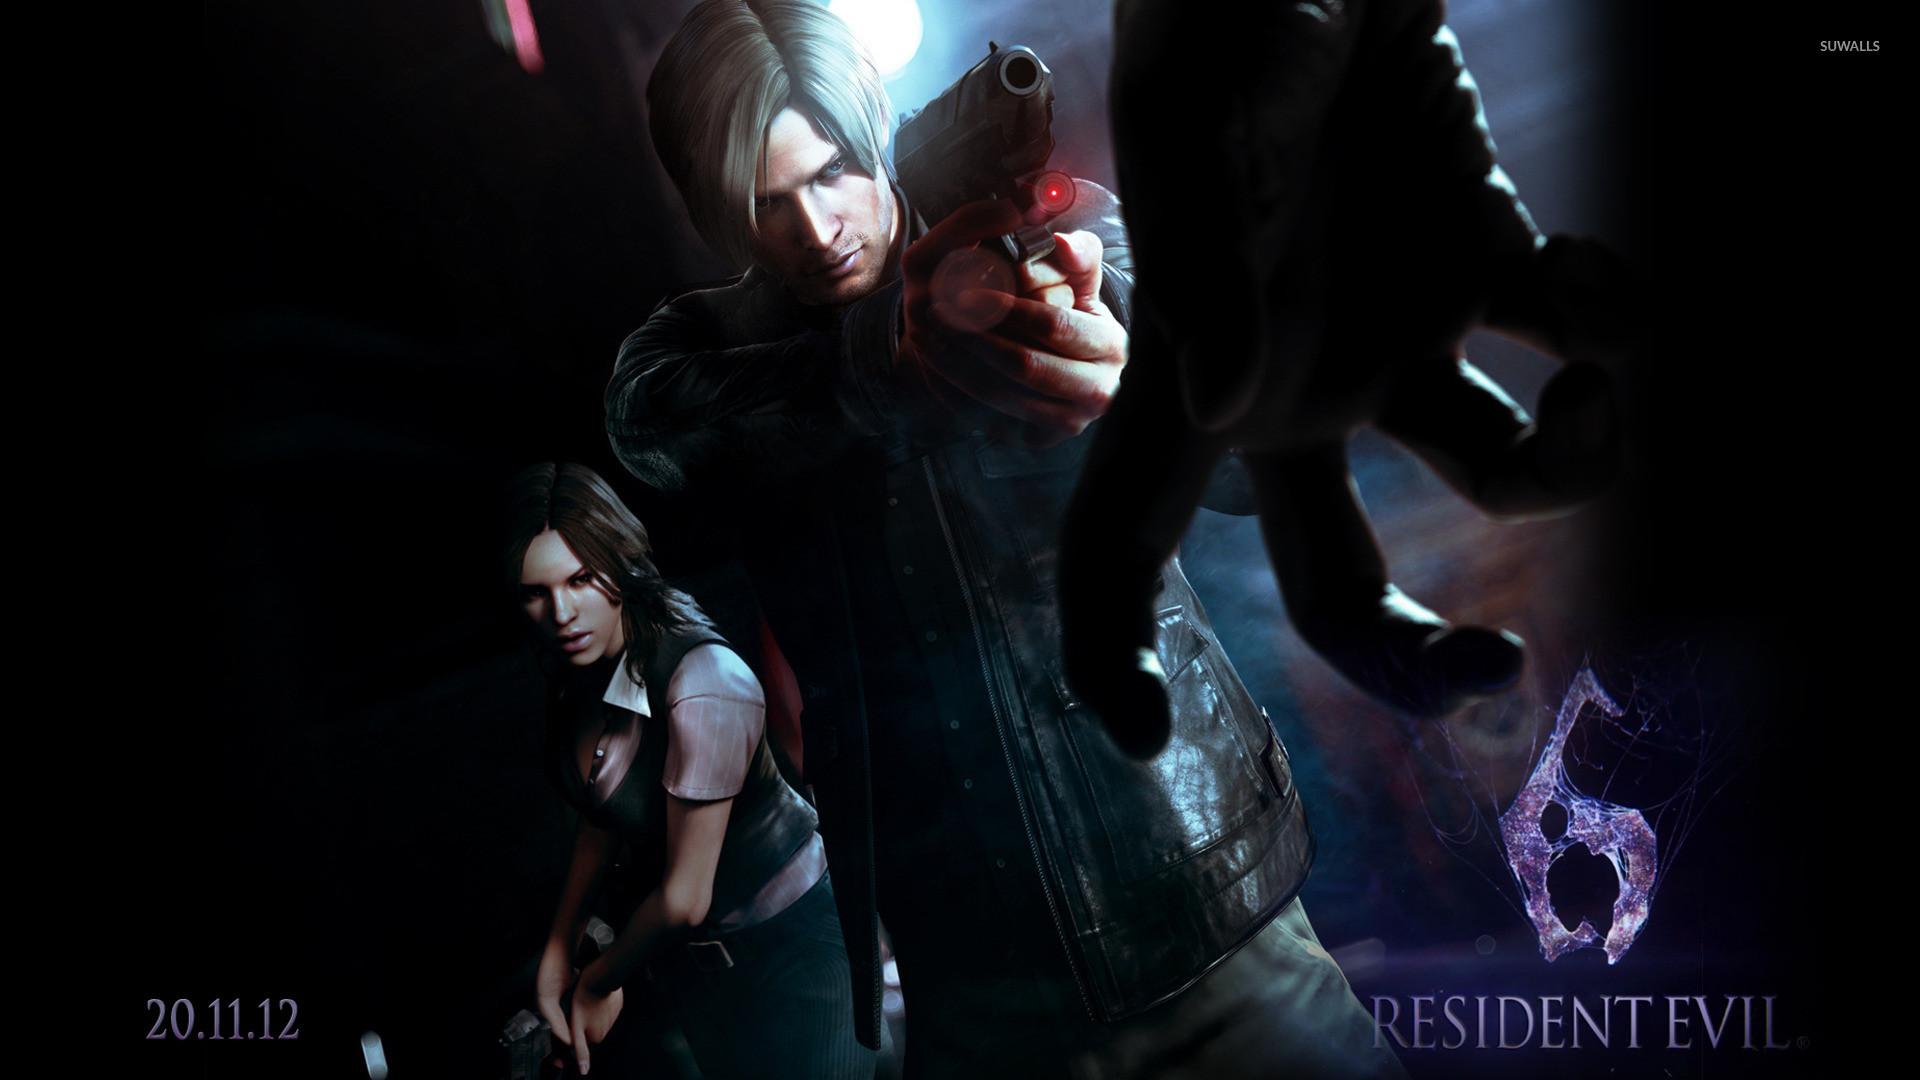 Resident Evil 6 [3] wallpaper jpg